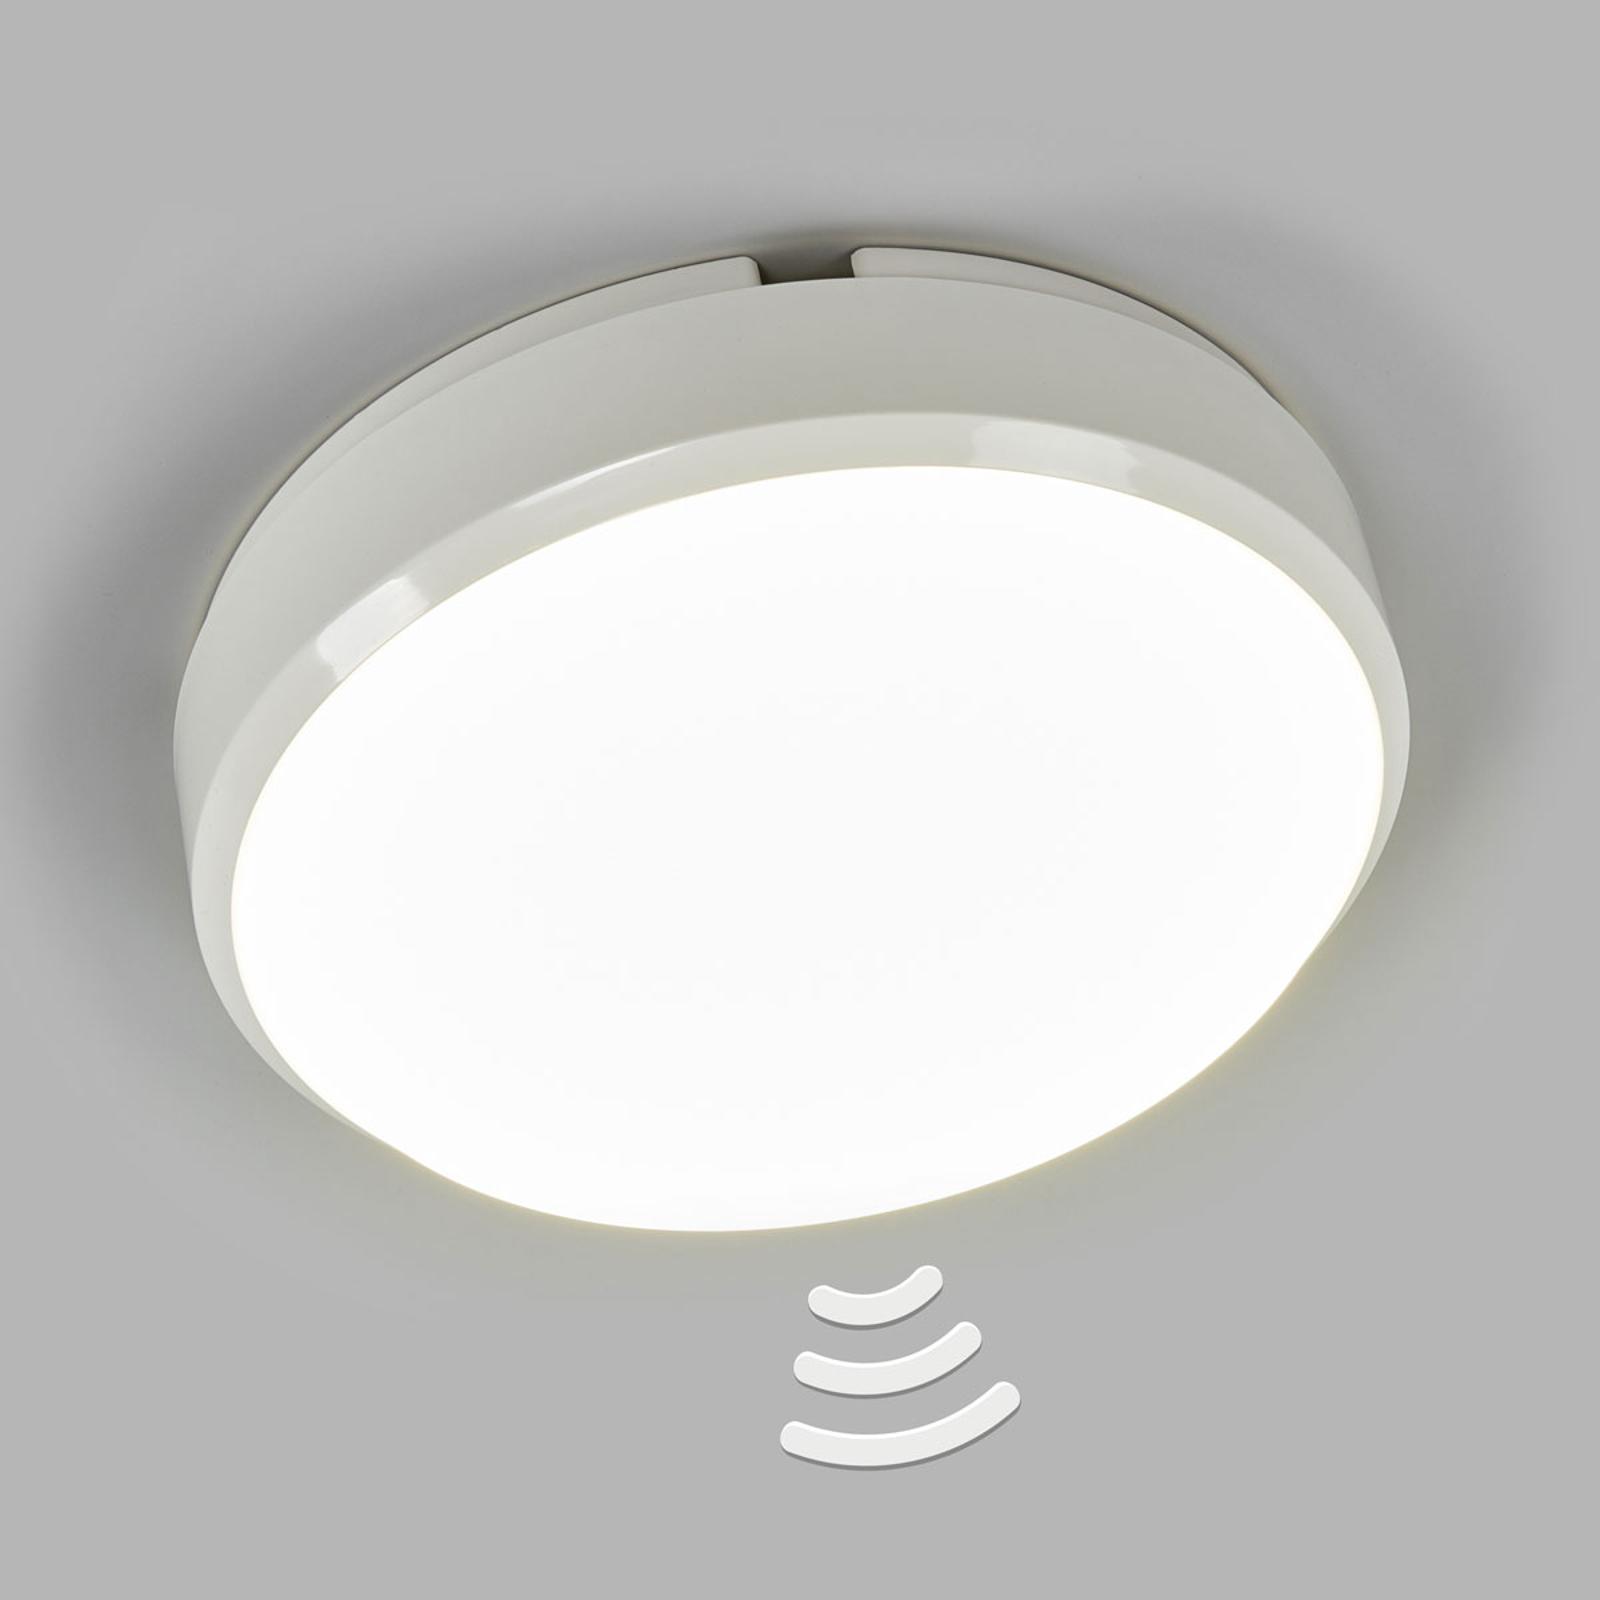 Rund LED-taklampe Bulkhead med sensor